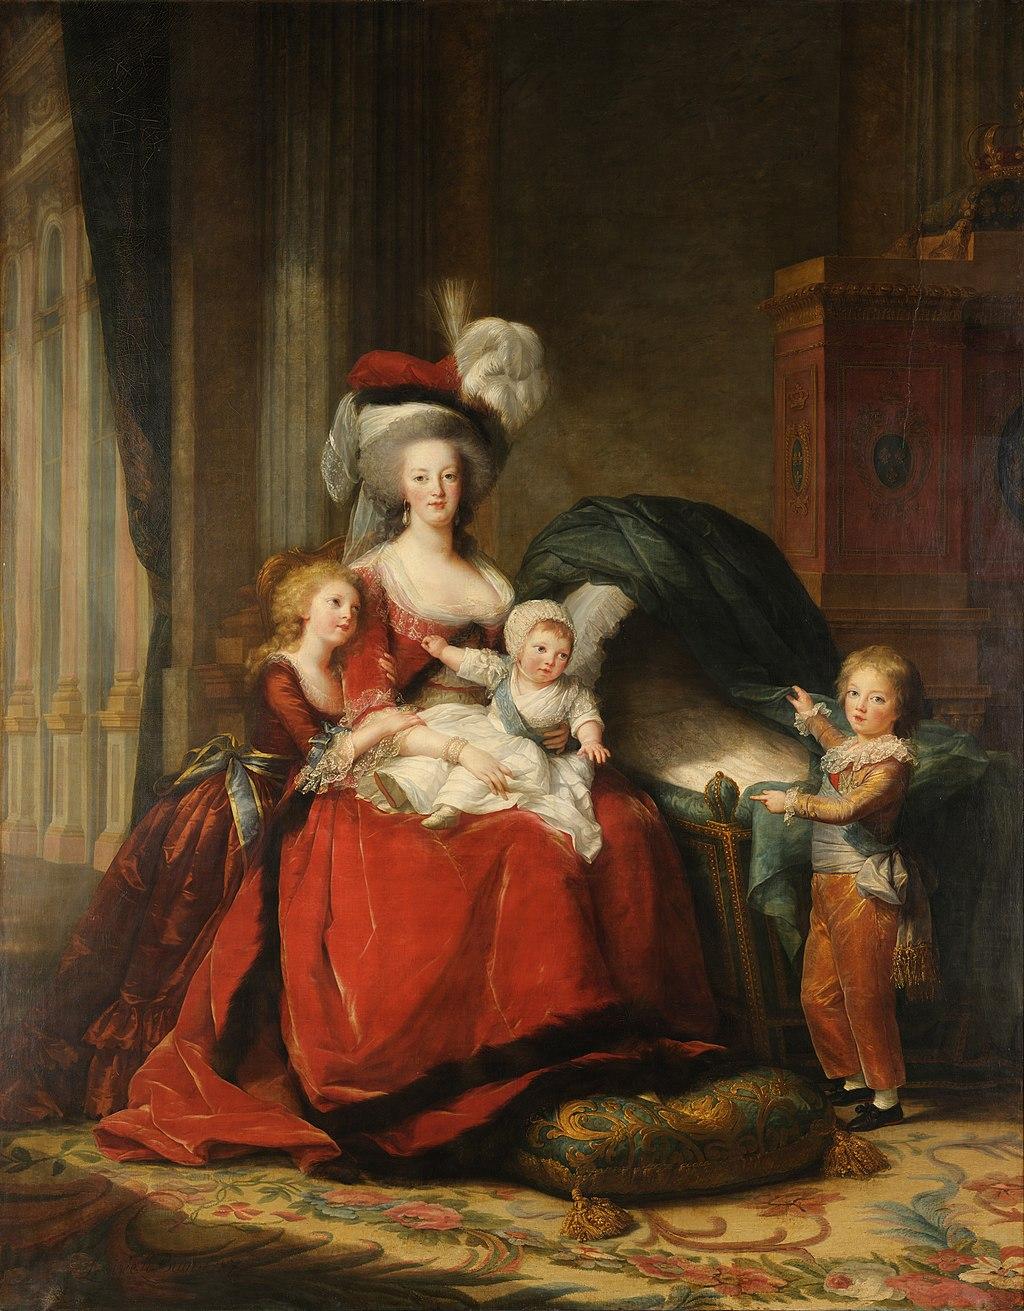 Louise Elisabeth Vigée-Lebrun - Marie-Antoinette de Lorraine-Habsbourg, reine de France et ses enfants - Google Art Project